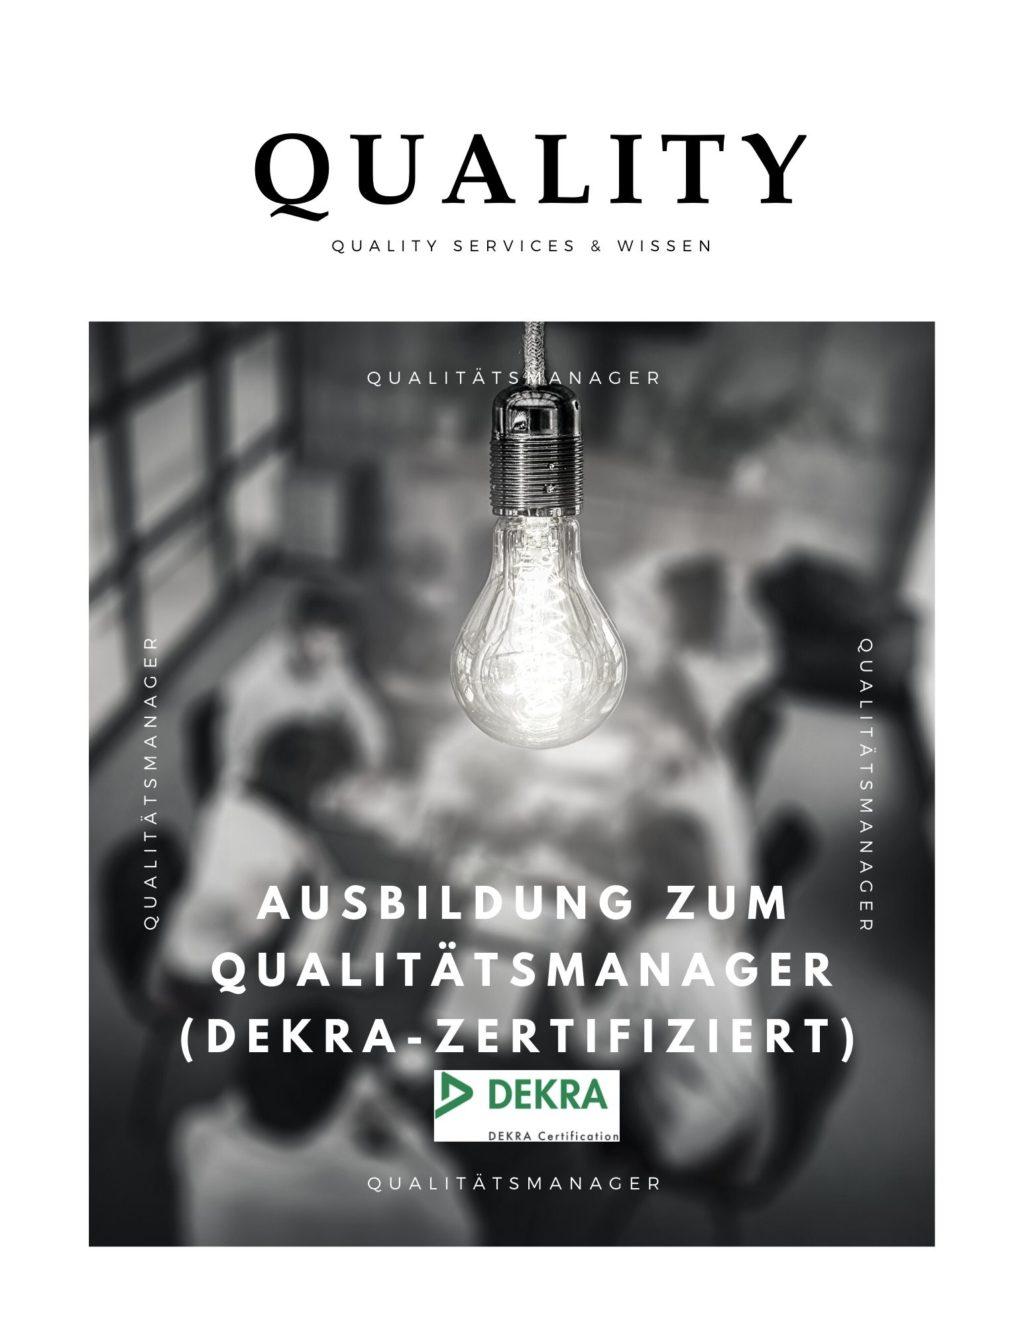 ausbildung zum qualitatsmanager dekra zertifiziert